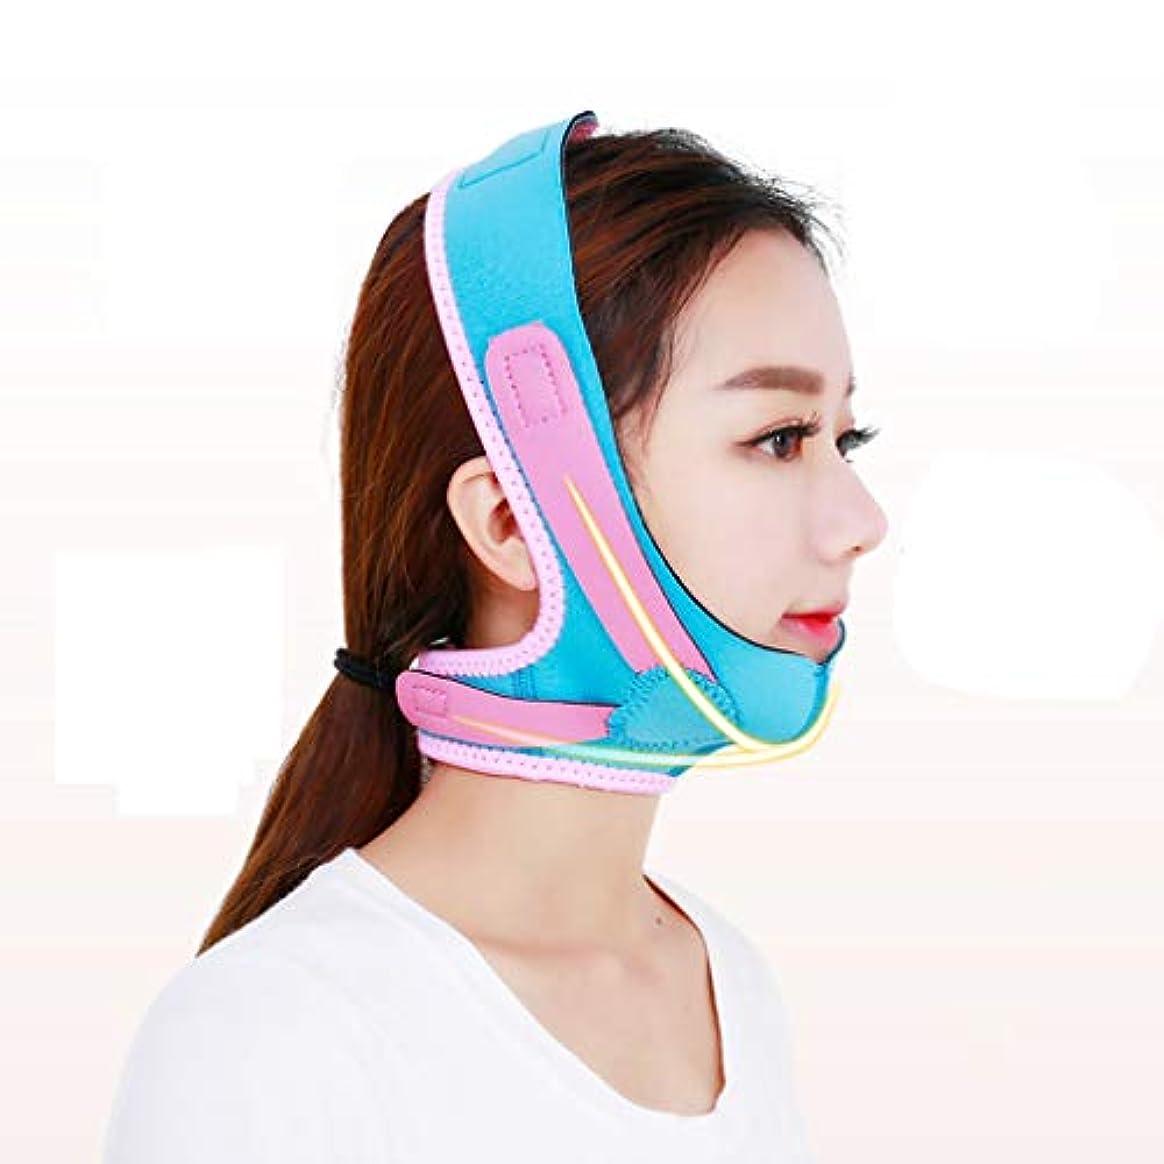 遠い数棚顔の重量の損失の顔の計器の包帯小さな顔のステッカーの女性の睡眠の顎セット